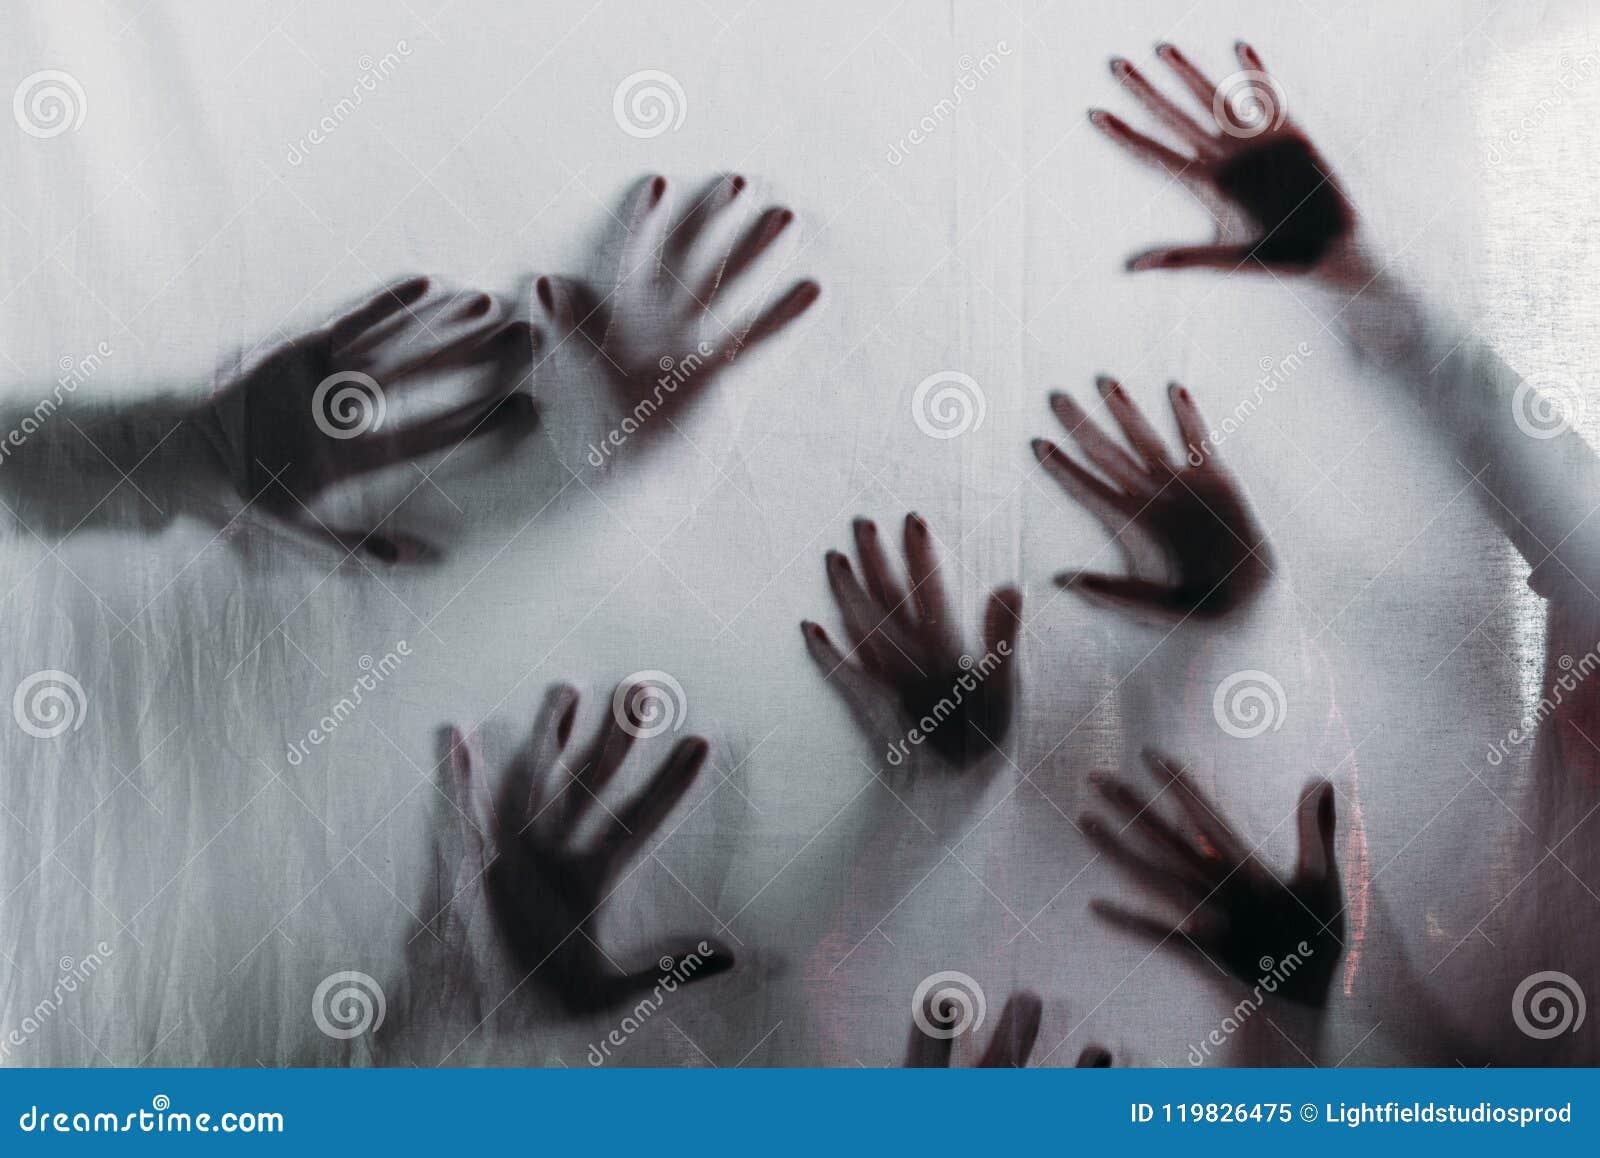 Oskarpa läskiga konturer av mänskliga händer som trycker på frostat exponeringsglas